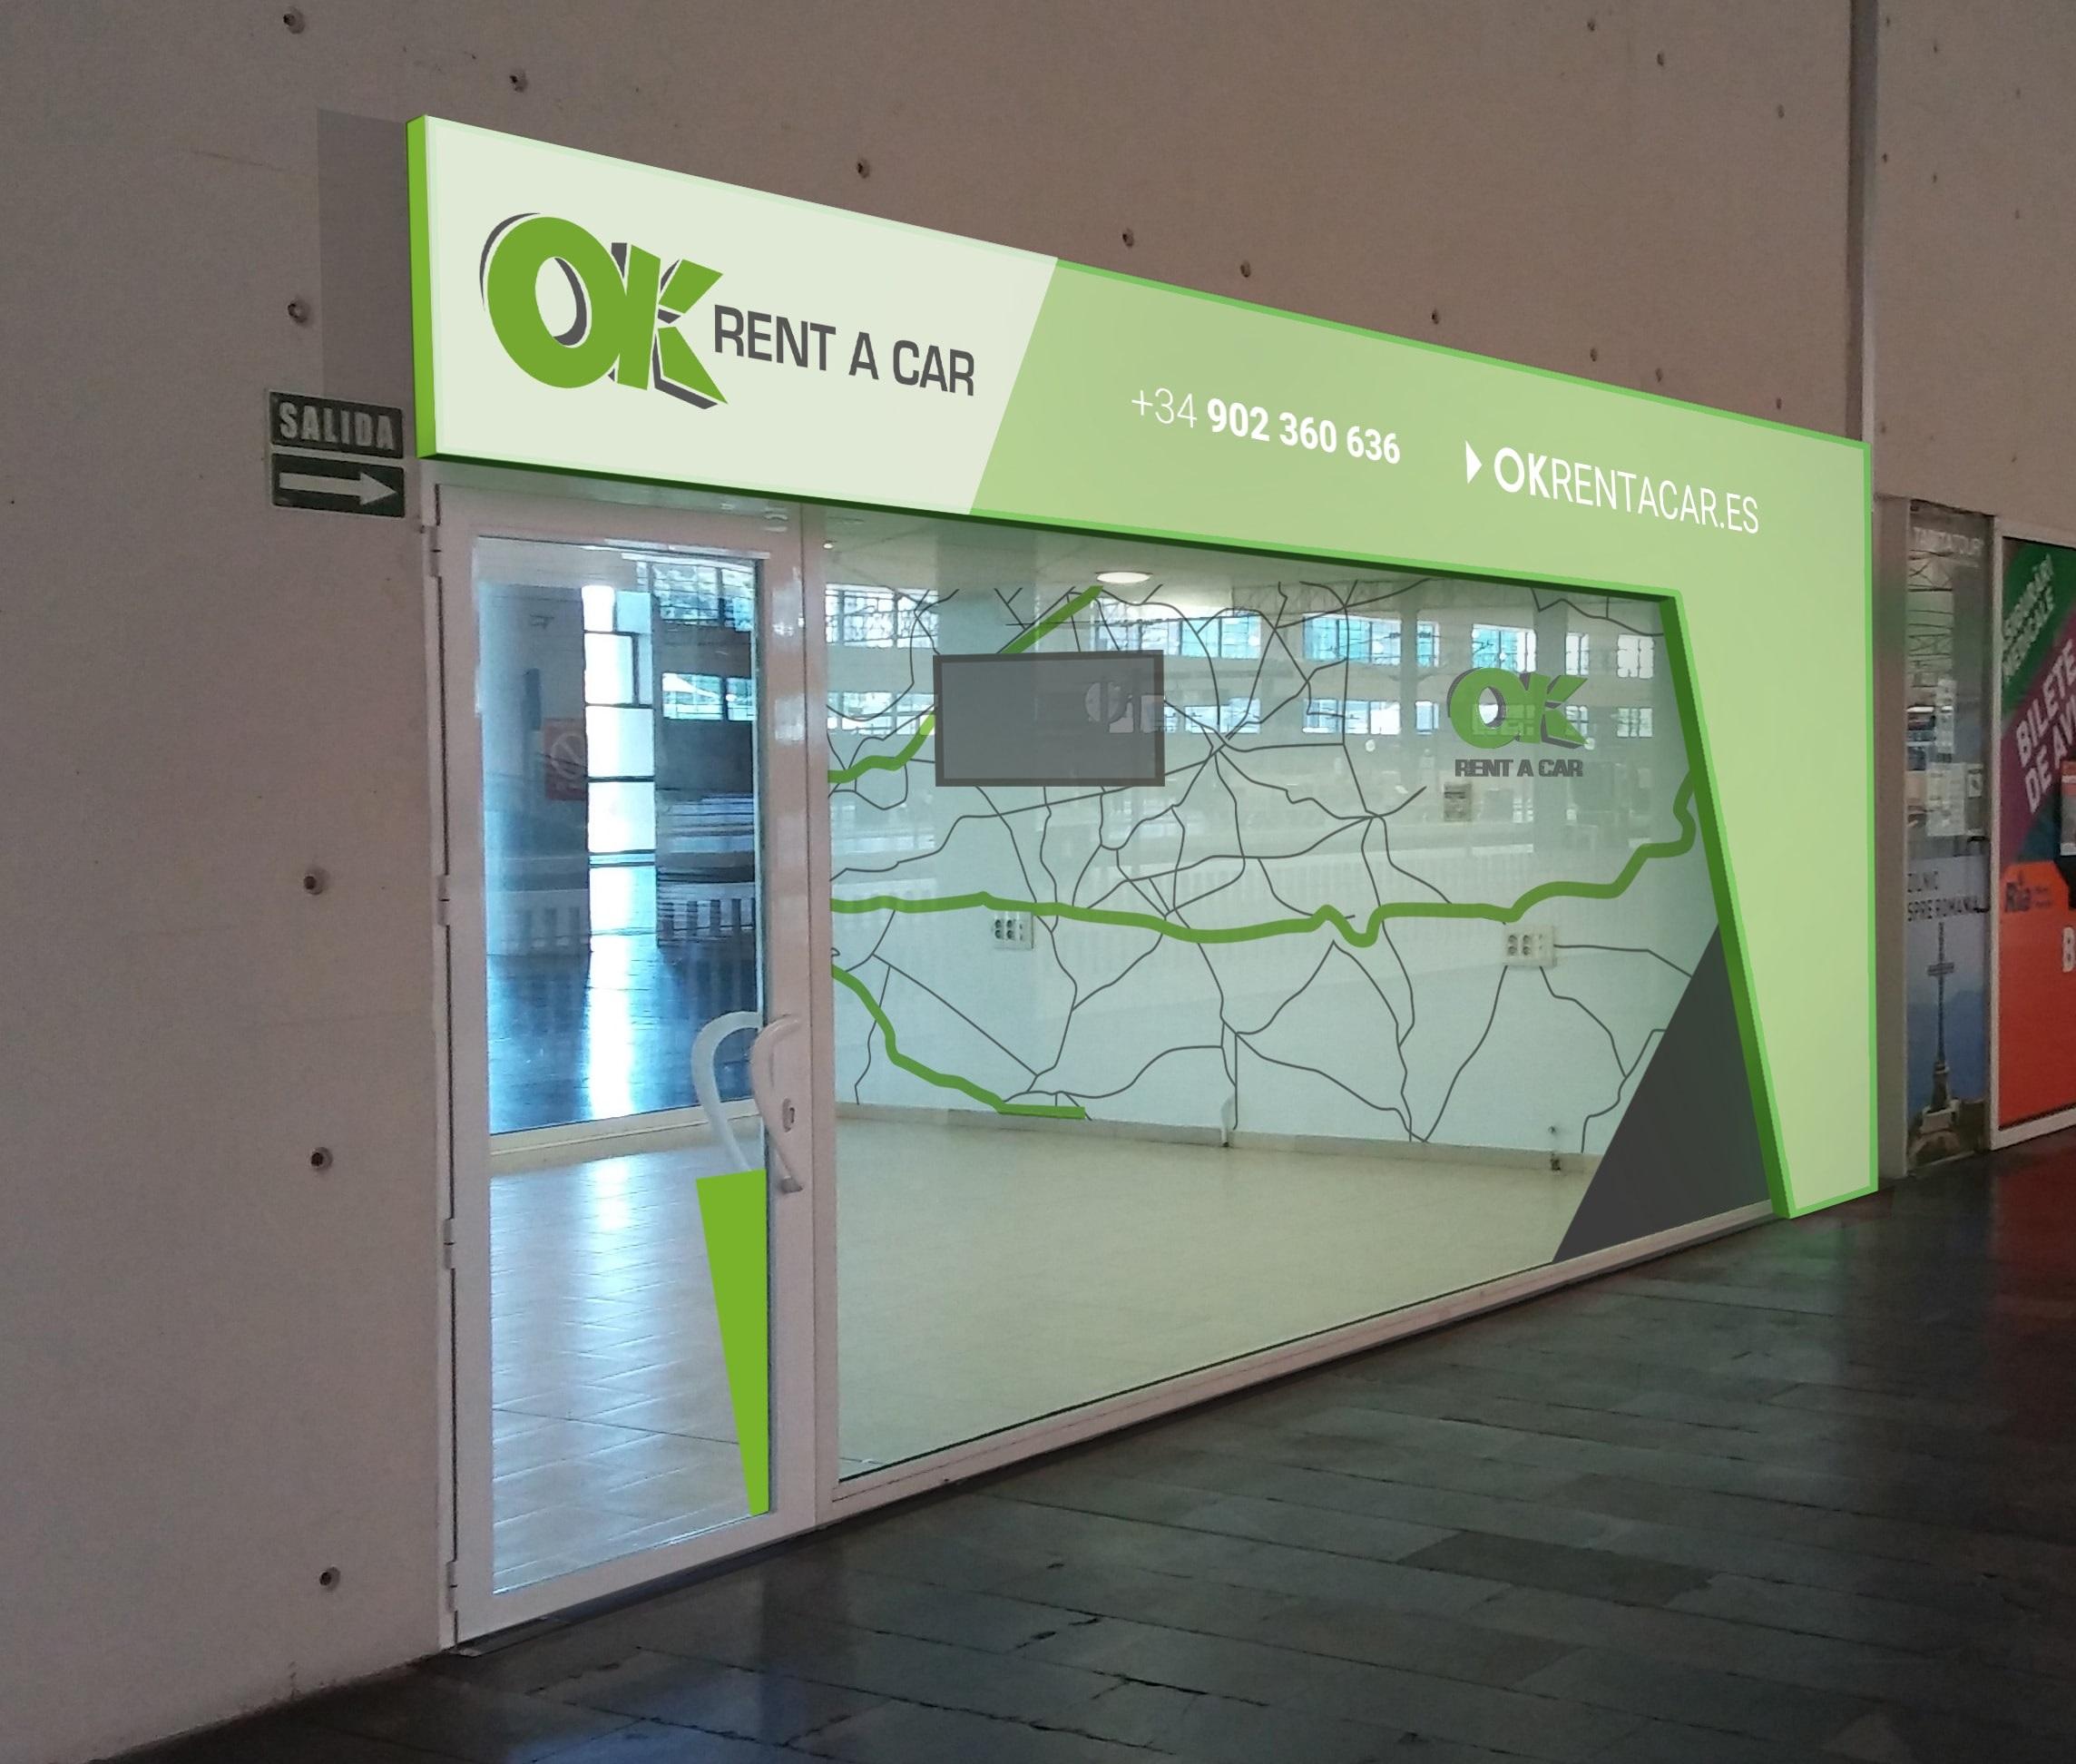 Ok rent a car abre su segunda oficina en zaragoza ok group for Oficina sanitas zaragoza